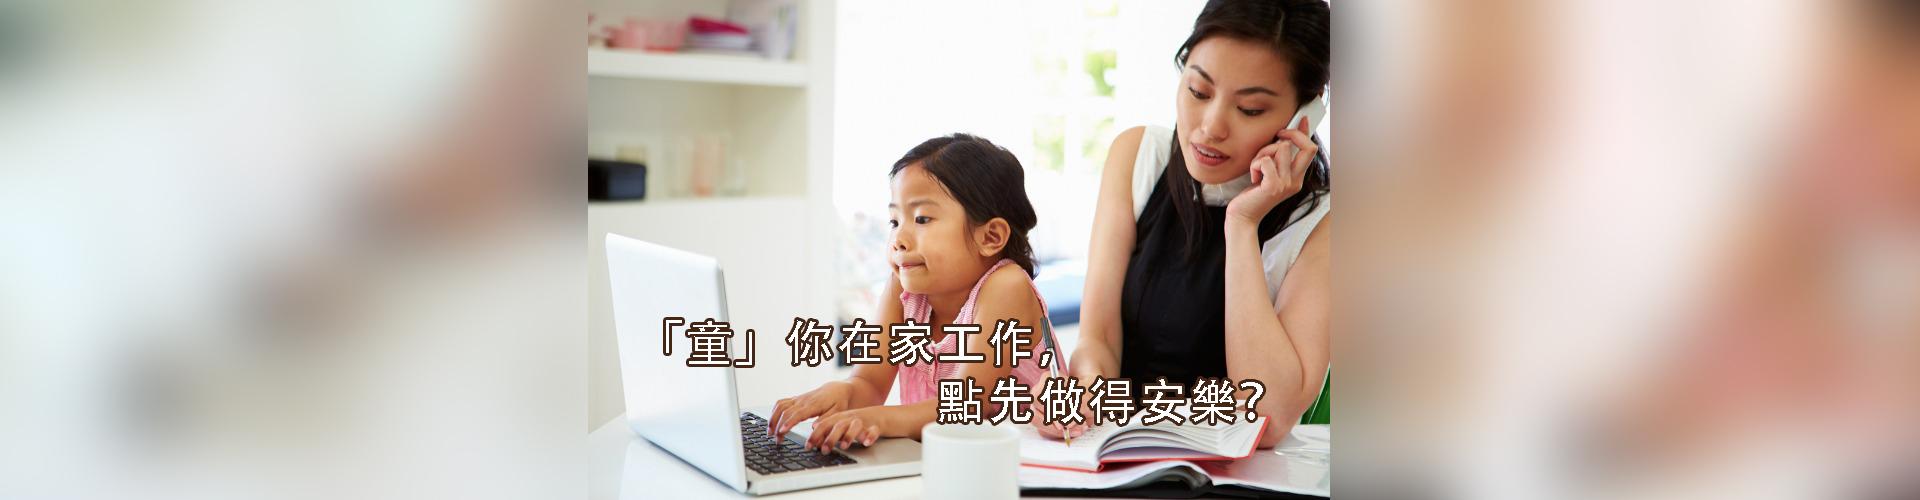 「童」你在家工作,點先做得安樂?